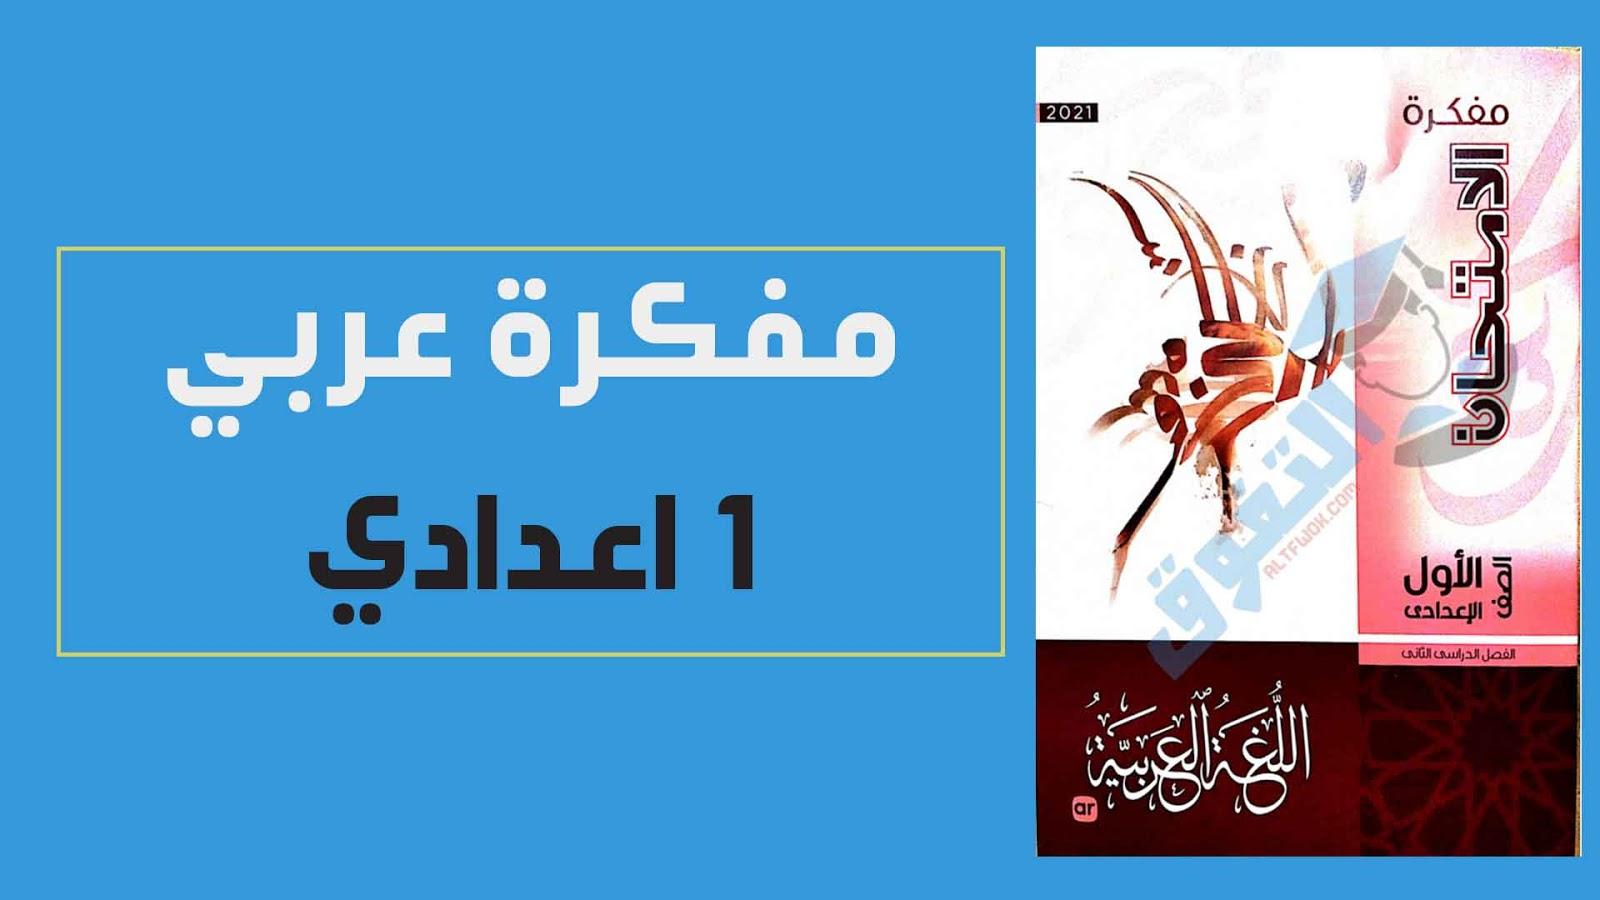 تحميل مفكرة كتاب الامتحان فى اللغة العربية للصف الاول الاعدادى الترم الثانى 2021 pdf